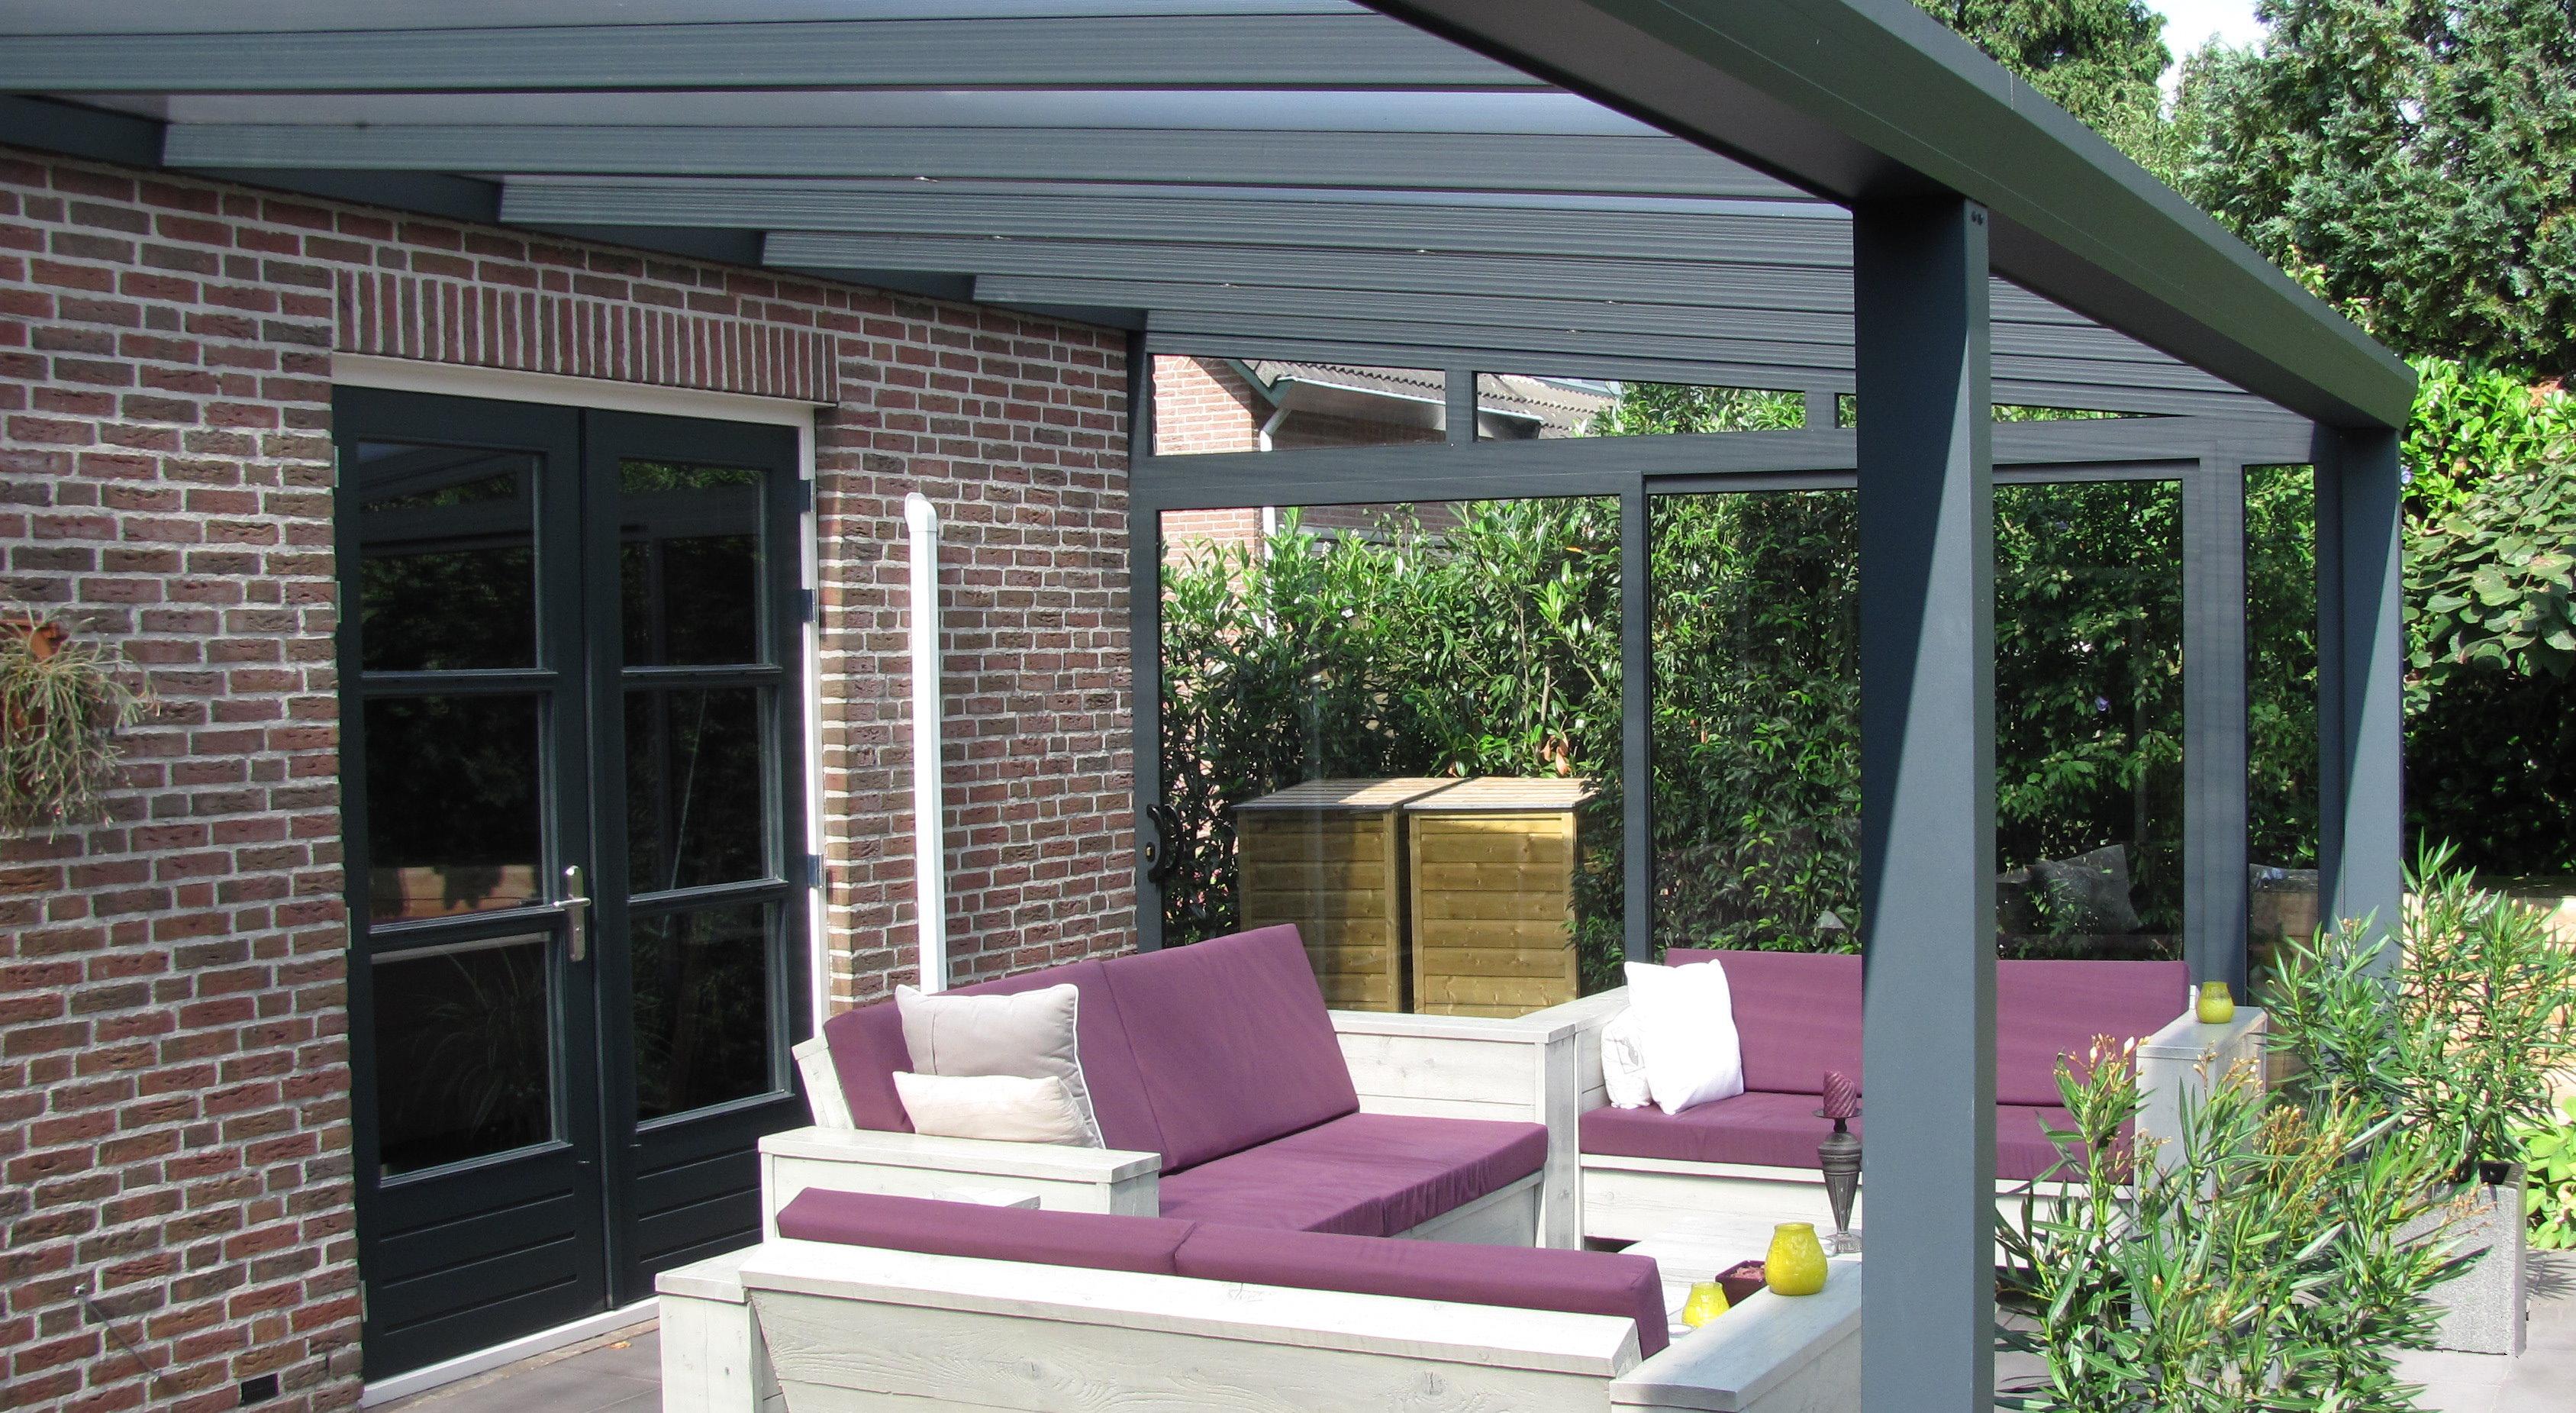 terrassendach komfort terrassendach. Black Bedroom Furniture Sets. Home Design Ideas